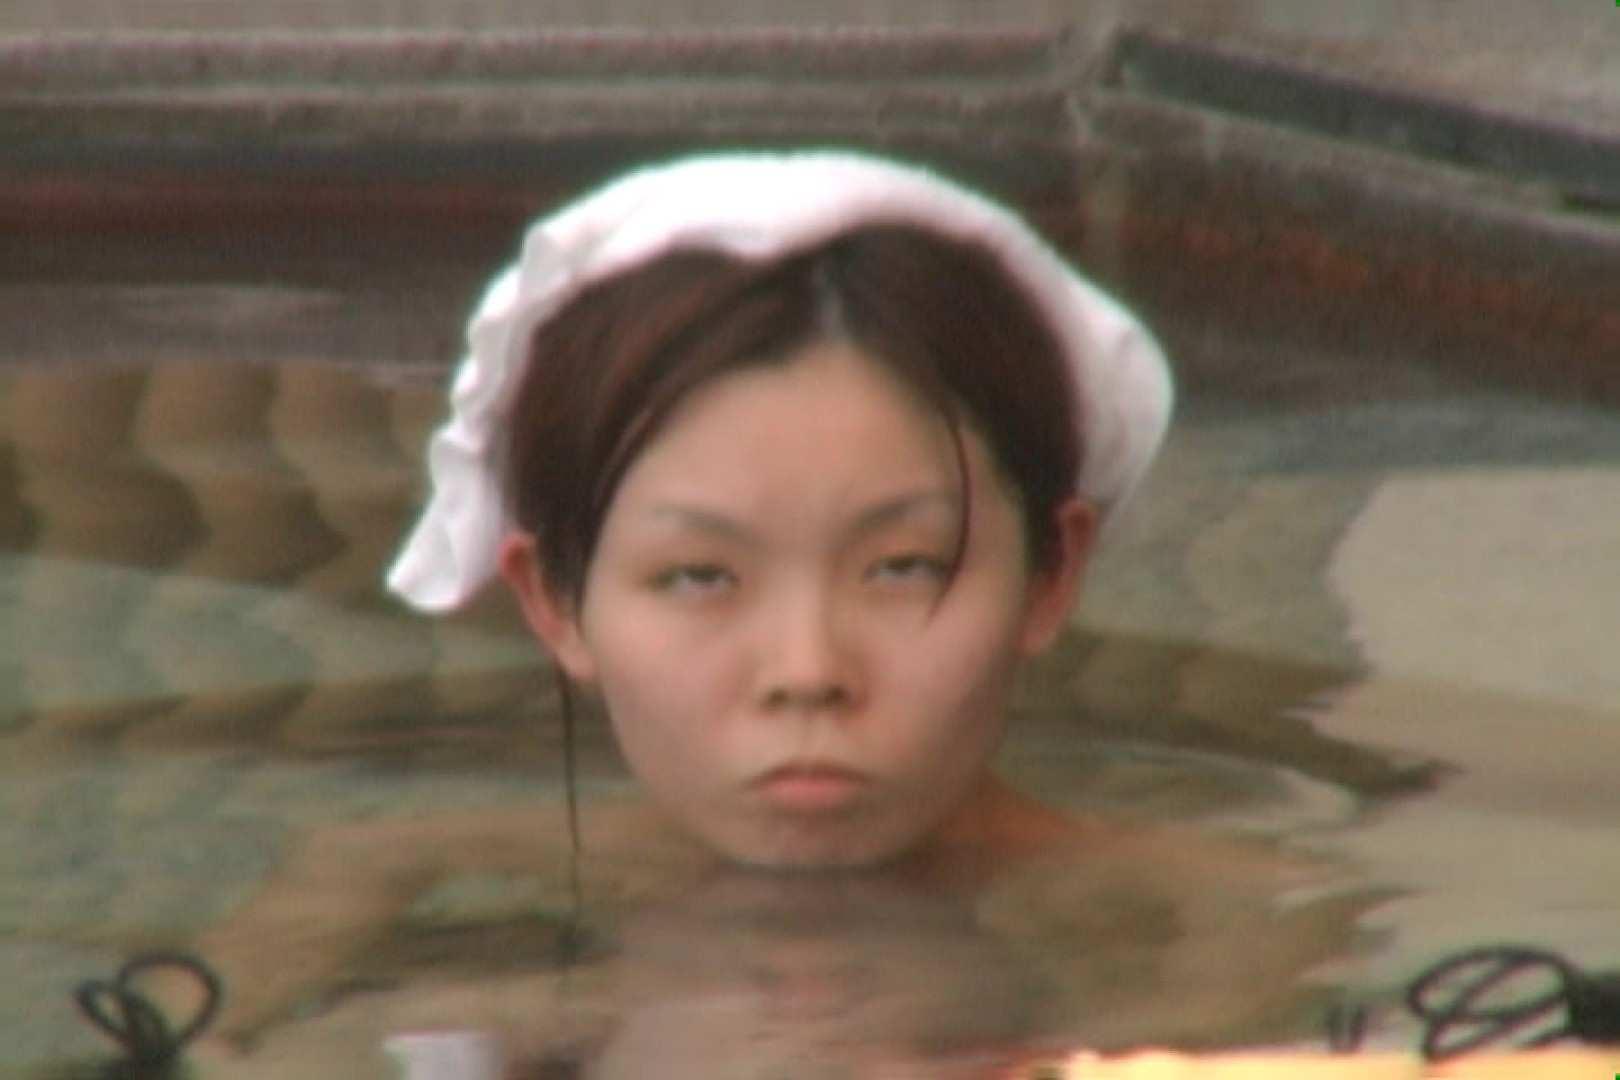 Aquaな露天風呂Vol.580 盗撮師作品 | 美しいOLの裸体  98pic 19